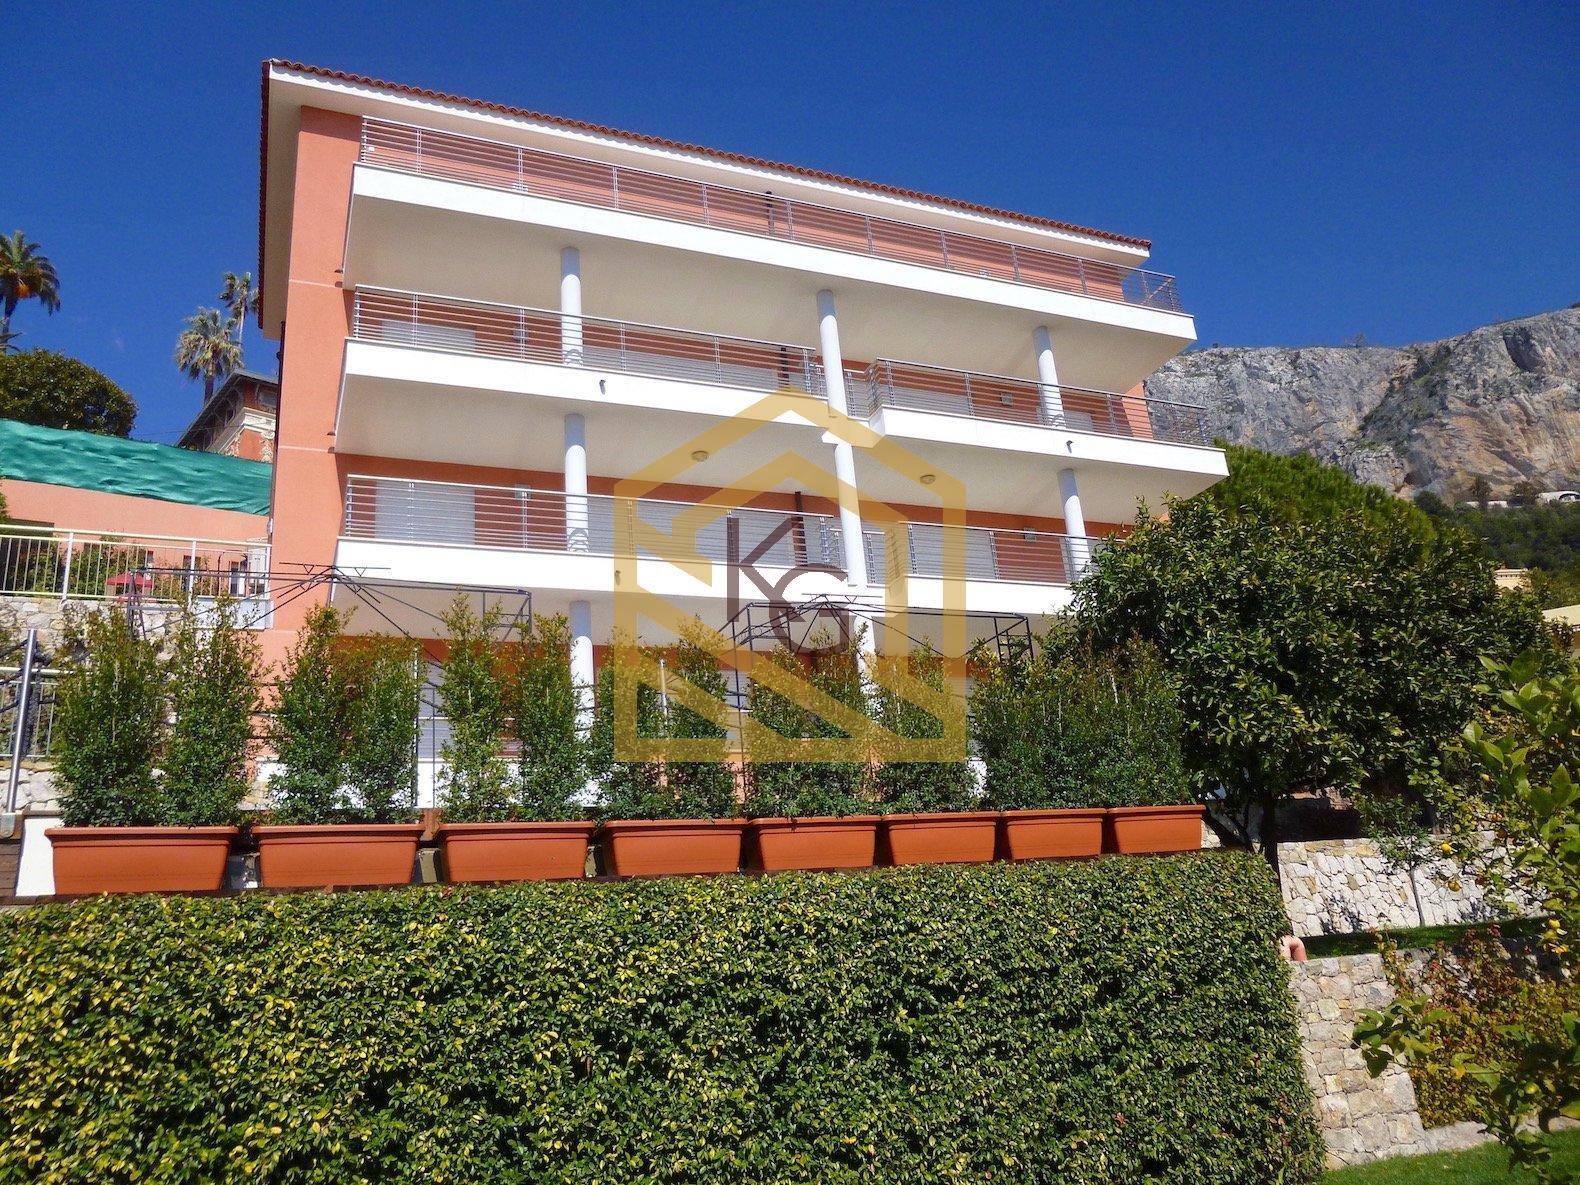 Menton, Garavan à vendre beau 3 pièces neuf avec vue panoramique mer